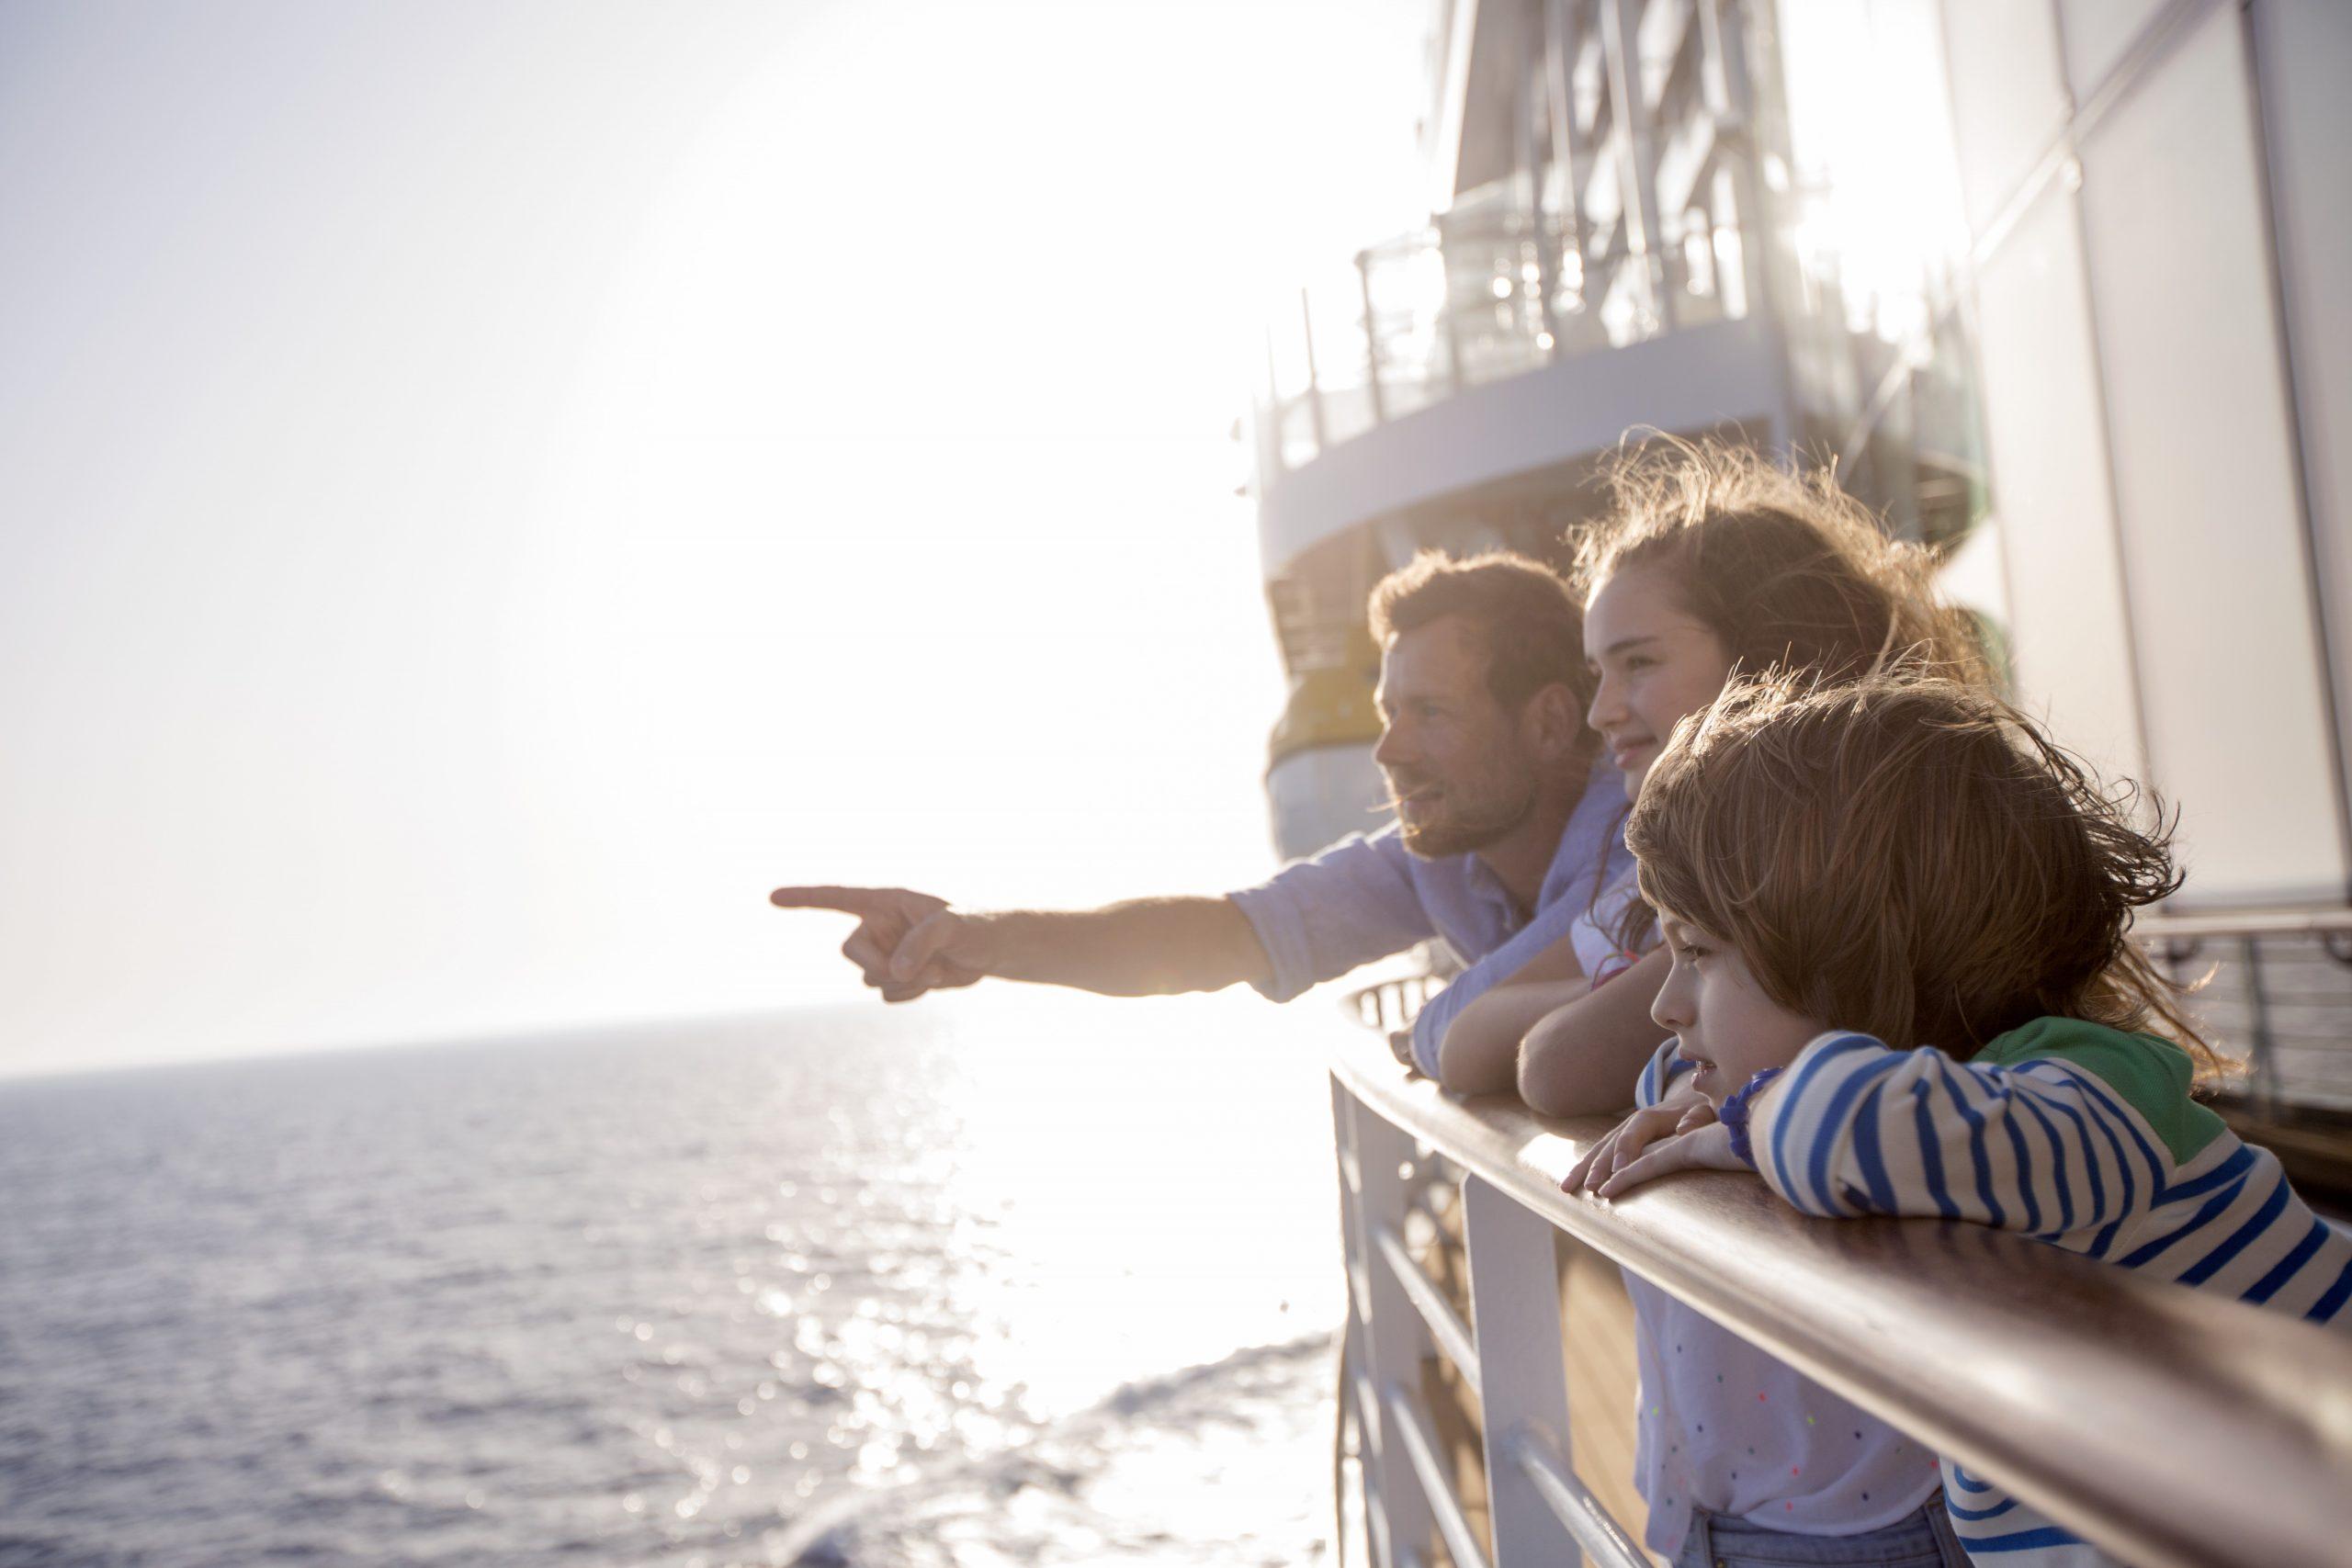 Die Deutschen wollen wieder auf Kreuzfahrt gehenDas geht aus einer Umfrage mit mehr als 6000 Teilnehmern des Internetportals www.Kreuzfahrtberater.de hervor